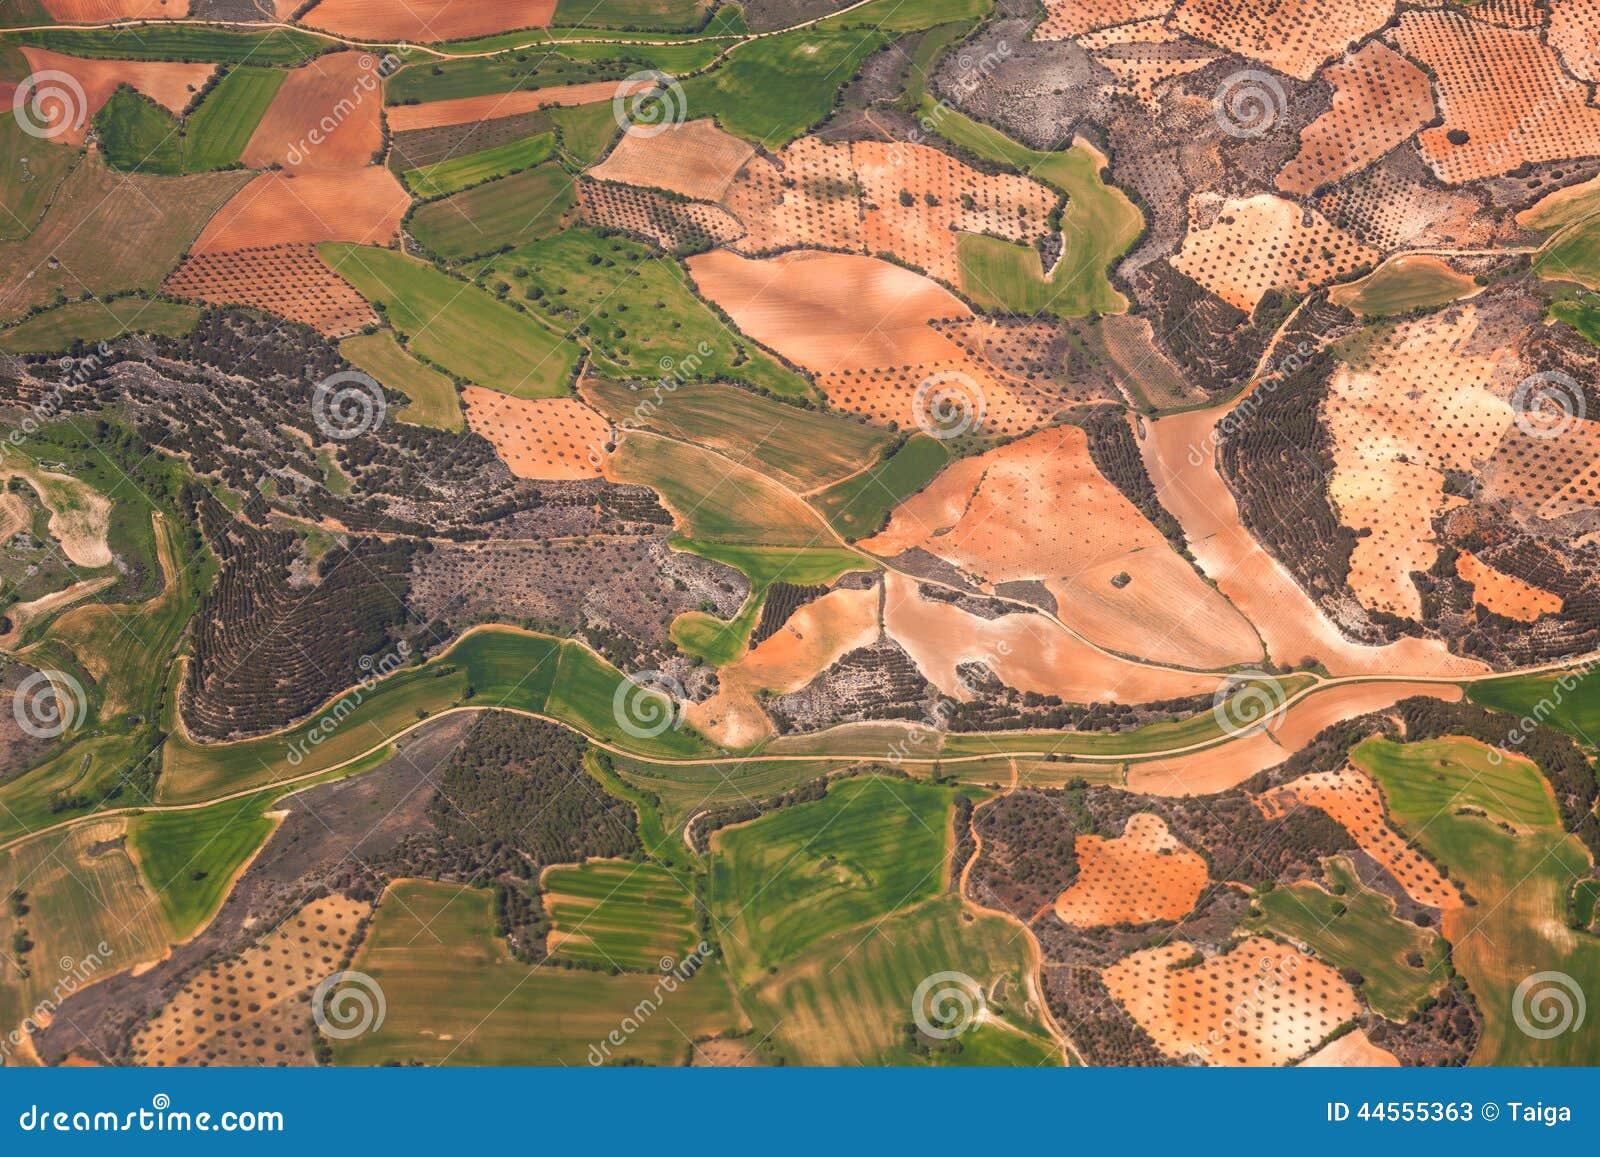 鸟瞰图乡区/绿色领域和橄榄树种植园/